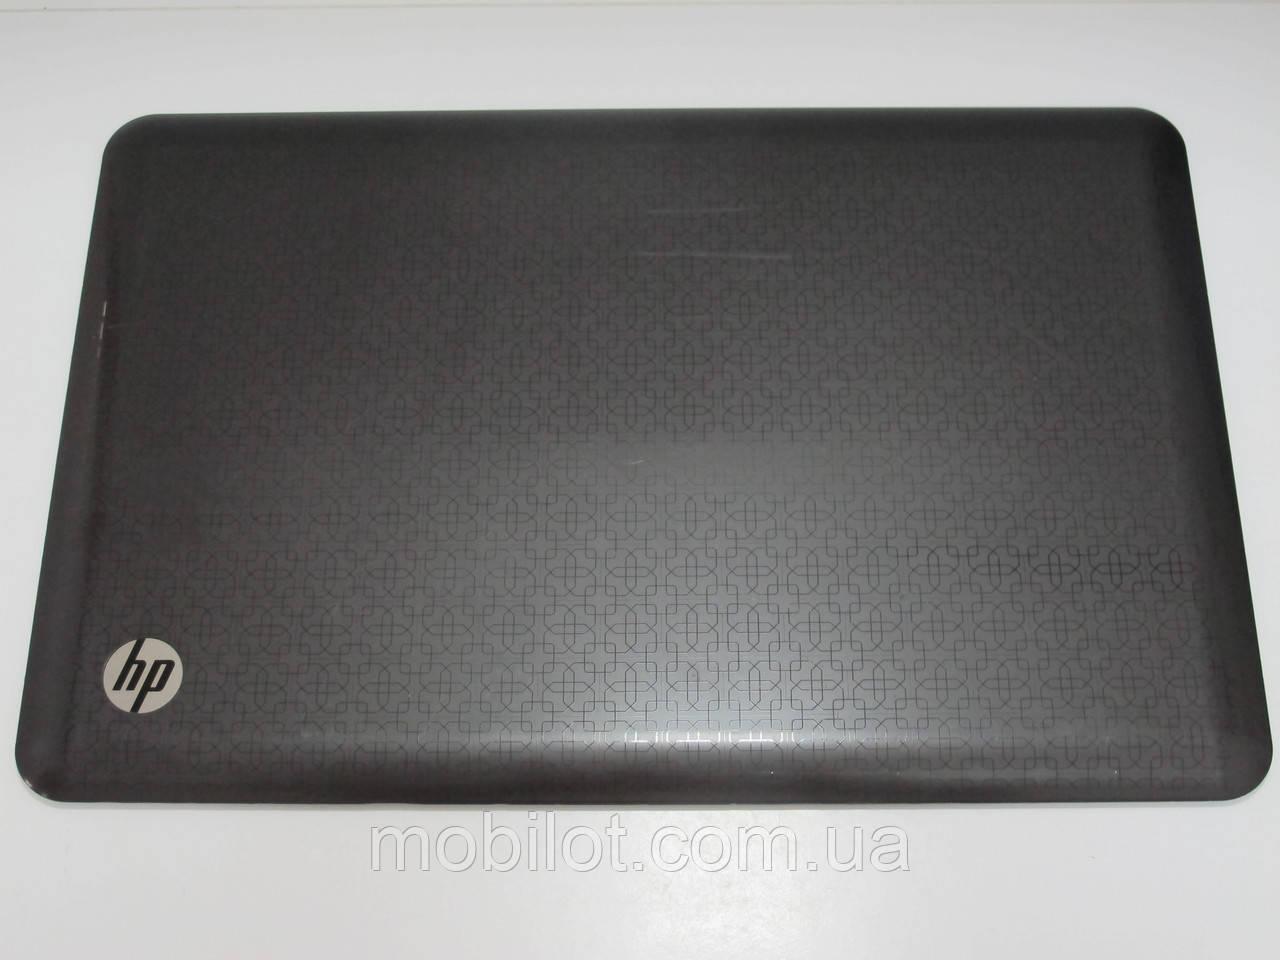 Часть корпуса (Крышка матрицы) HP DV7-4000 (NZ-6077)